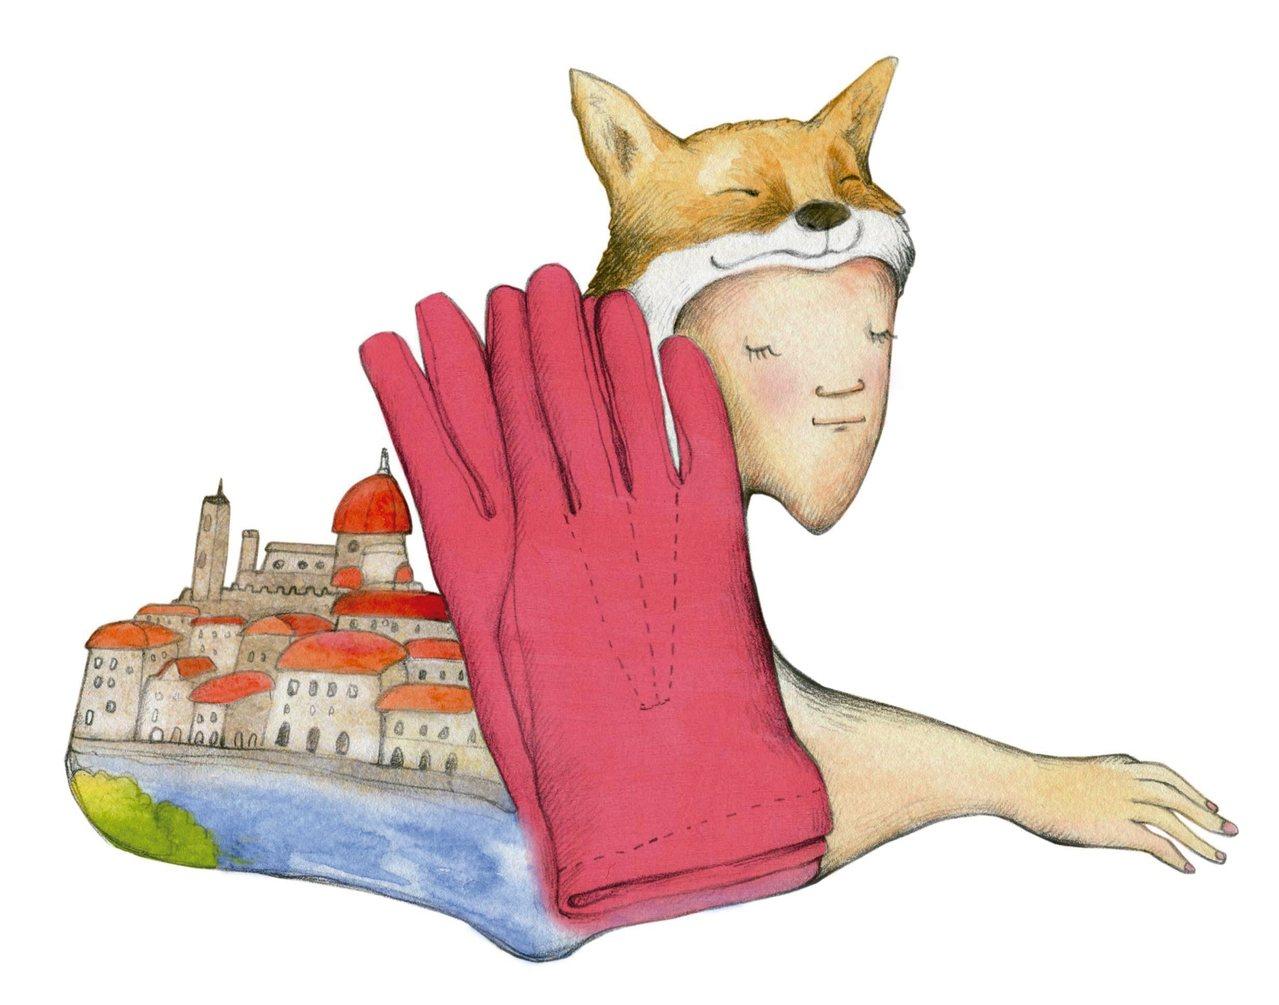 孩提時期的我,手很容易凍傷,故手套是必需品。上小學之前,我總是戴著母親親手編織的...